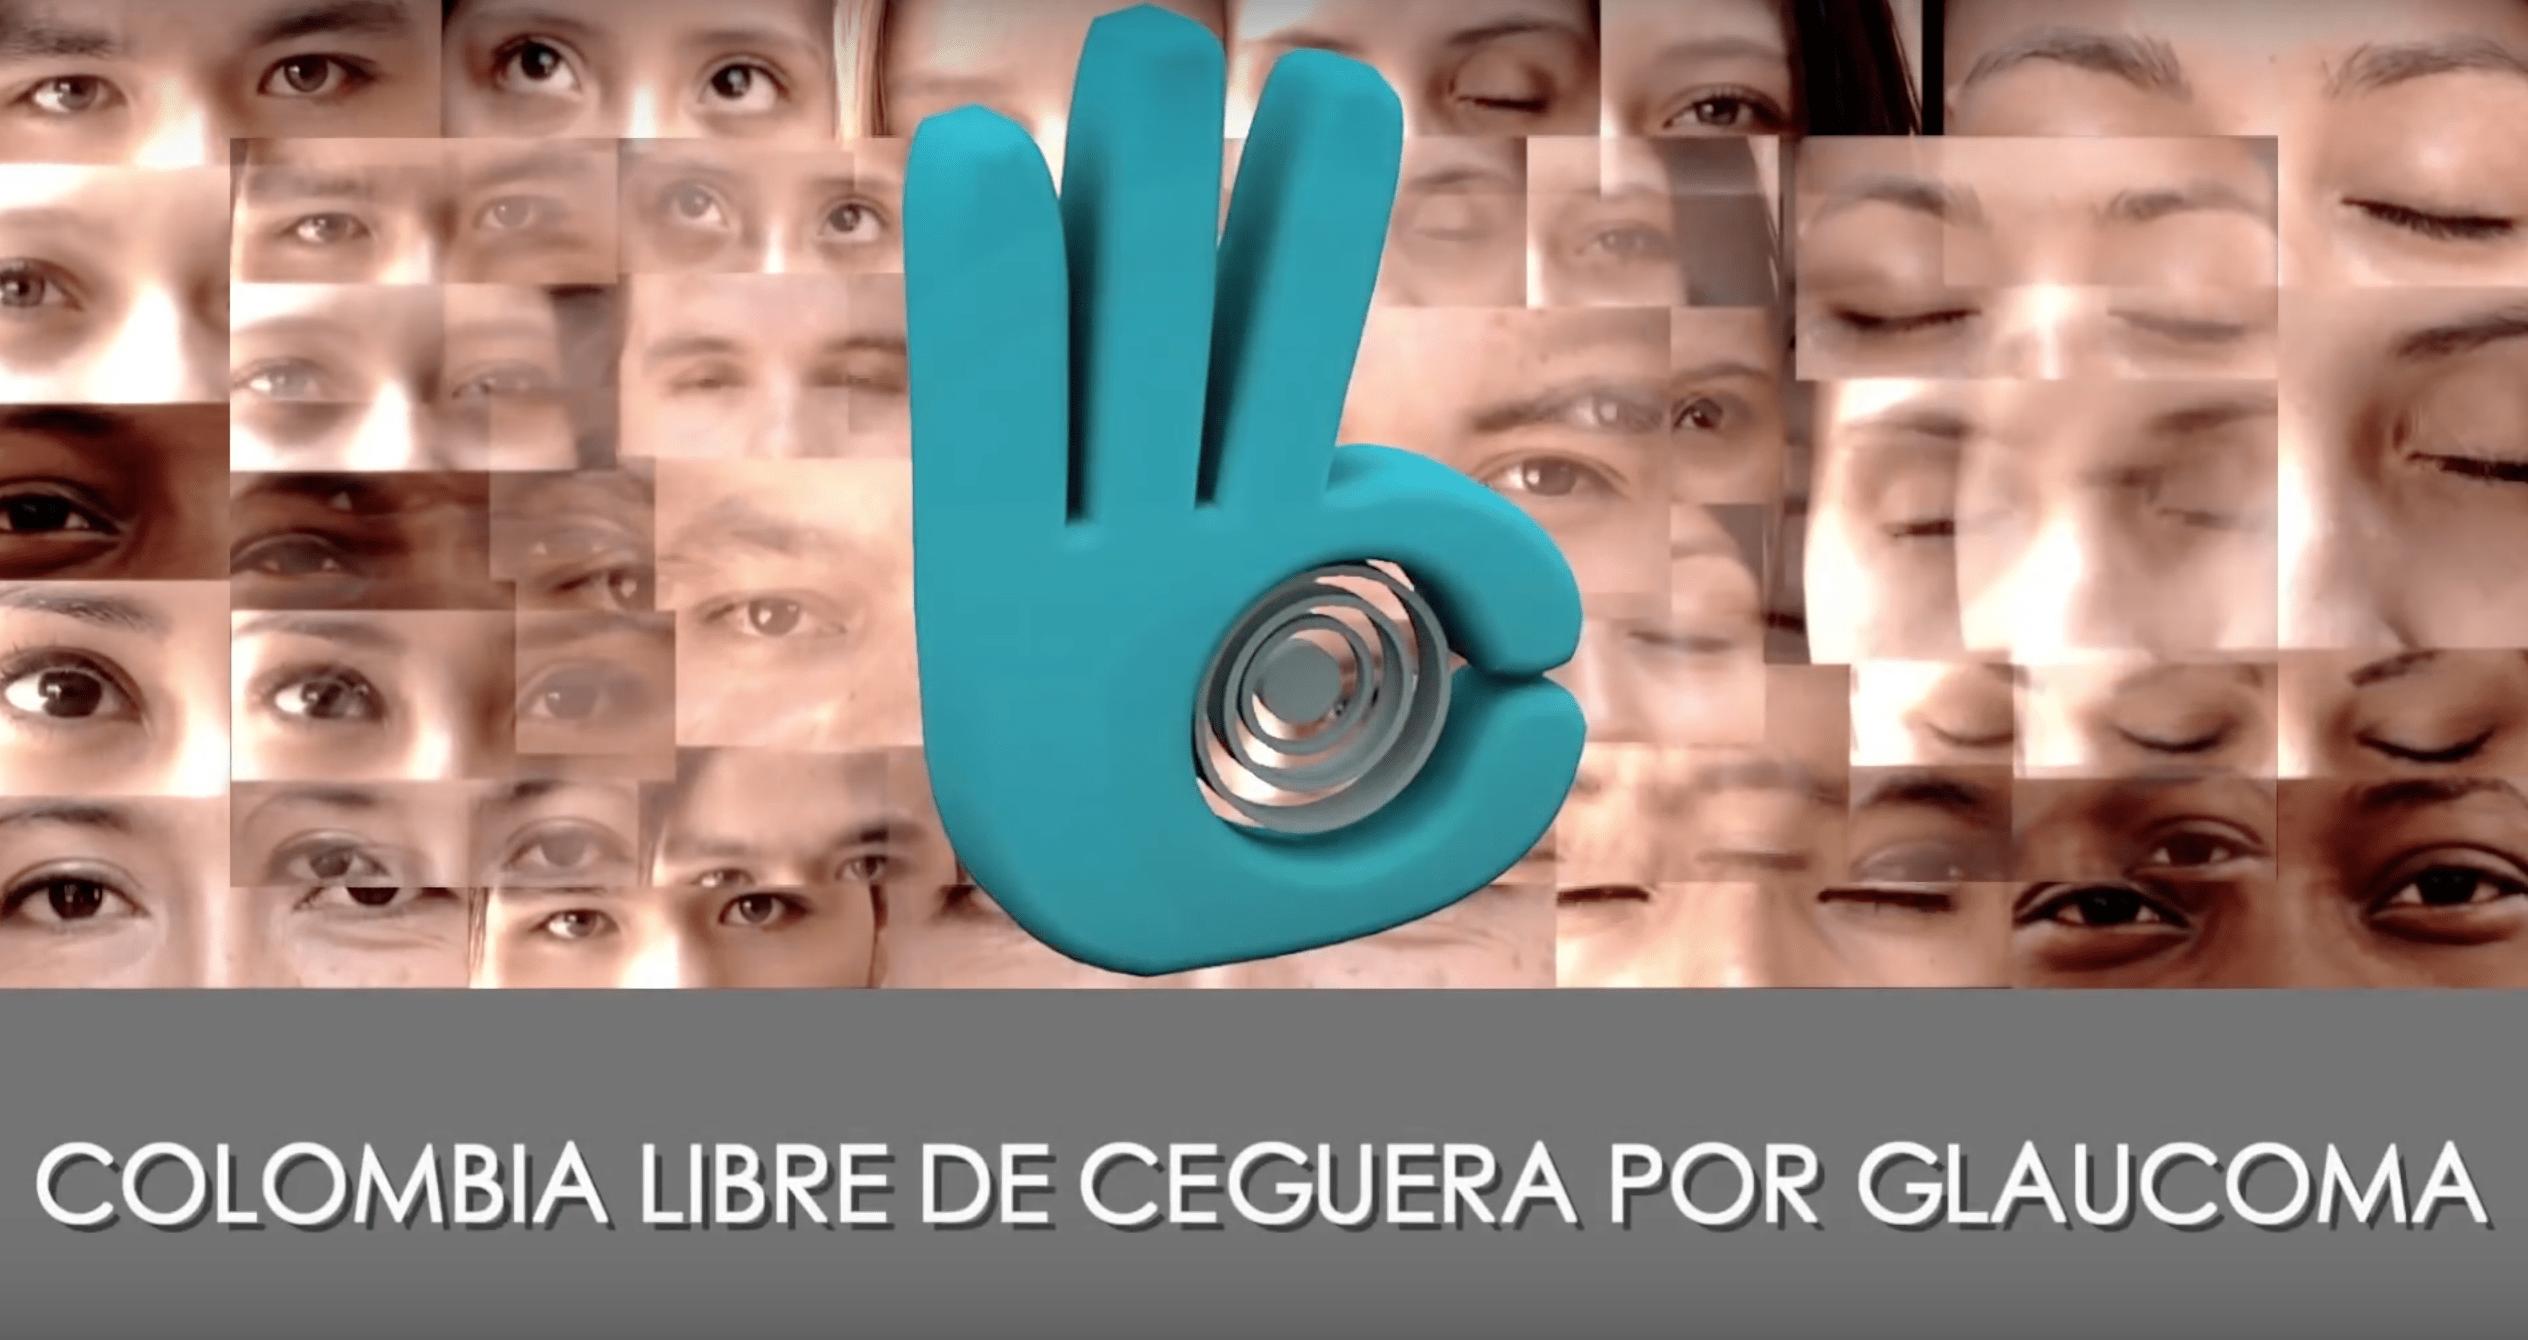 Ceguera en Colombia - Formula Medica